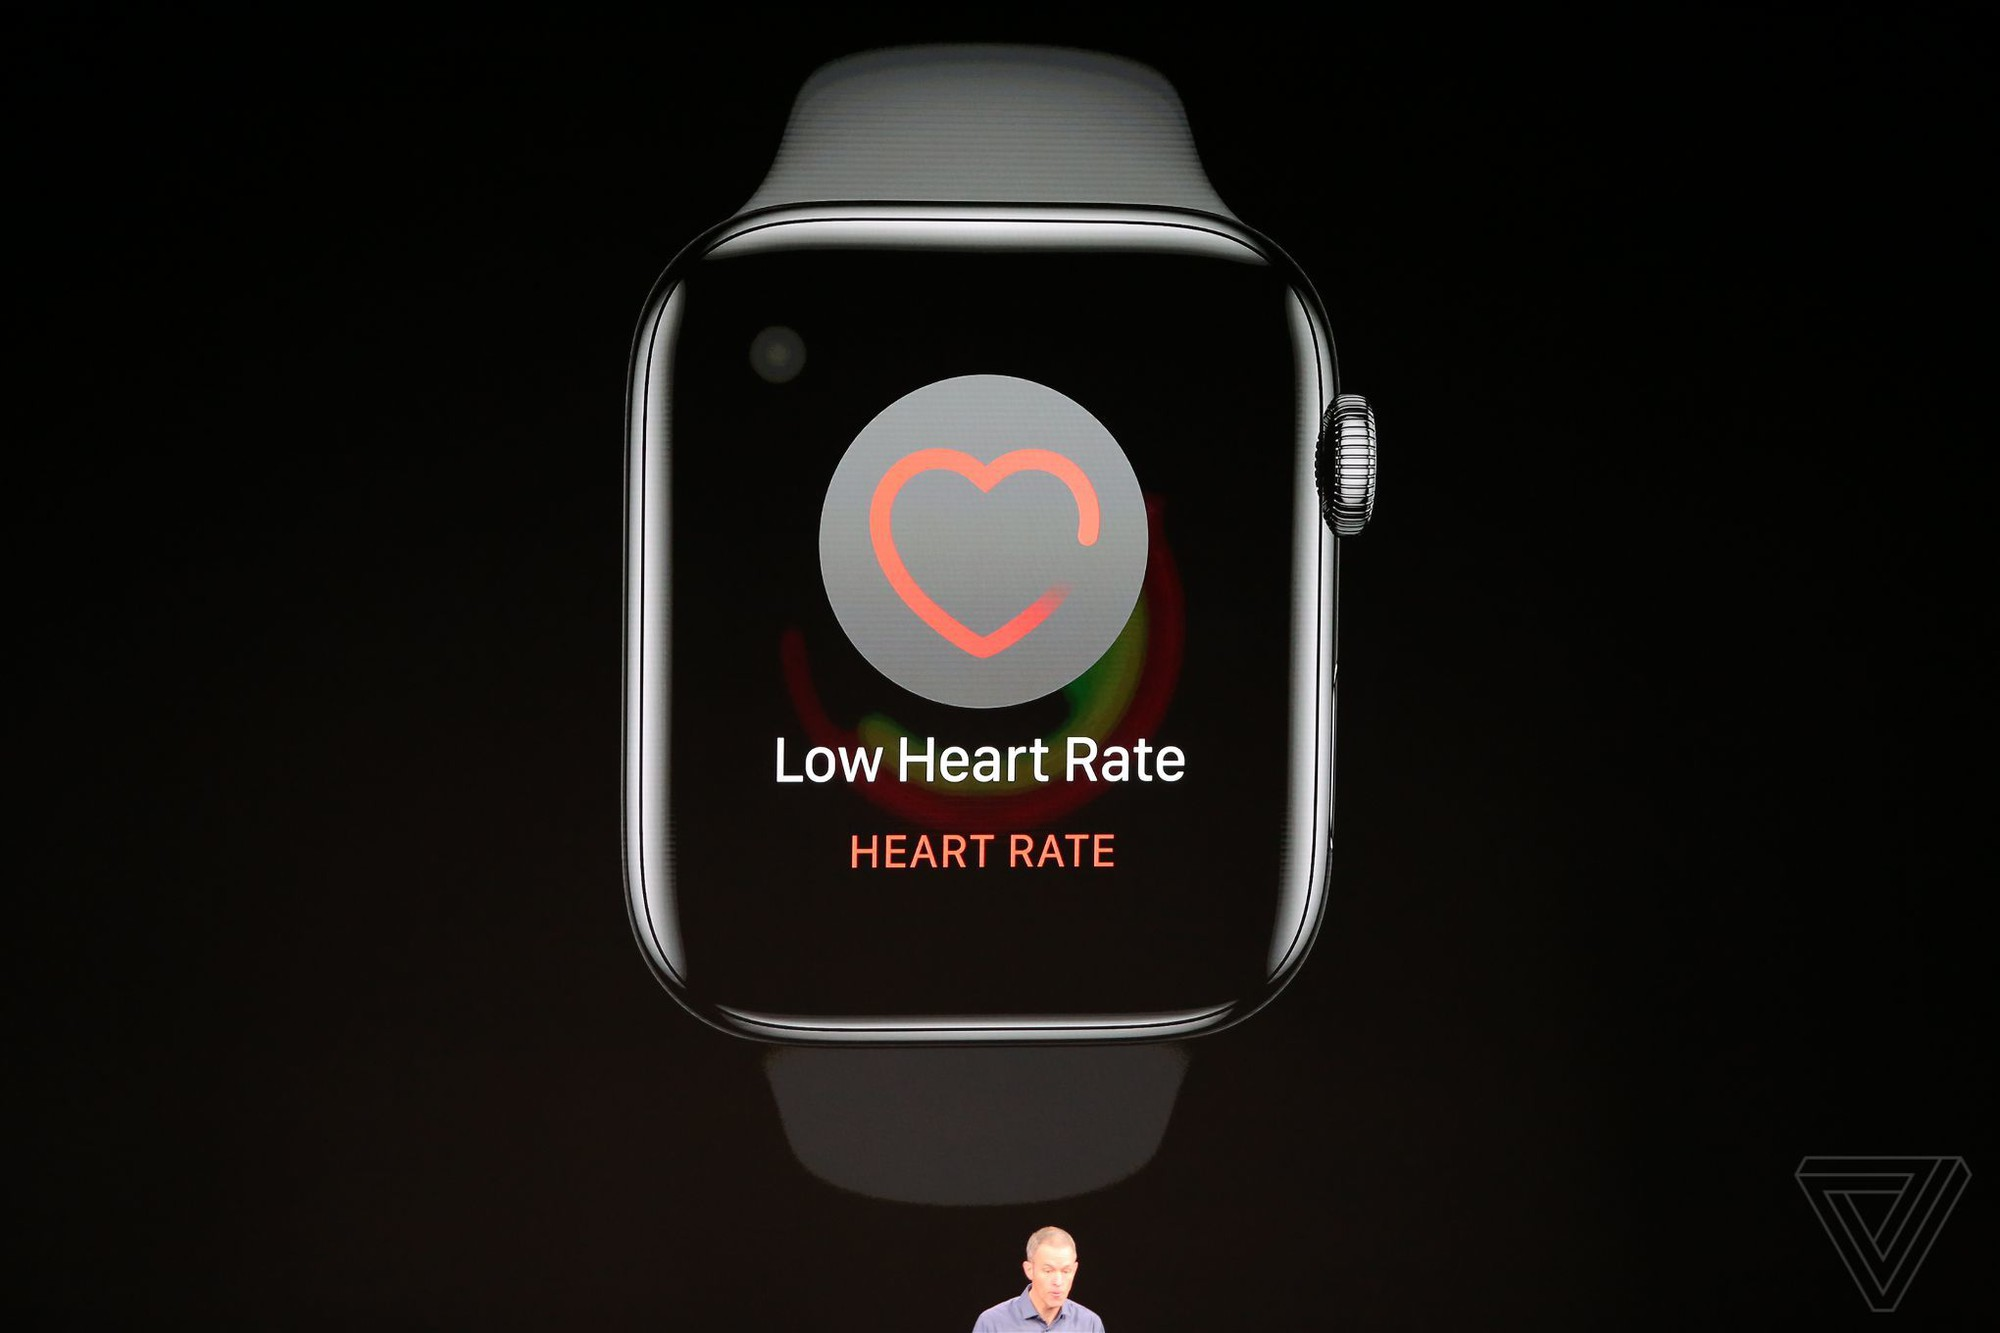 Làng nước nhìn đi, màn Apple Watch đẹp thế này thì có đáng mua không? - Ảnh 4.